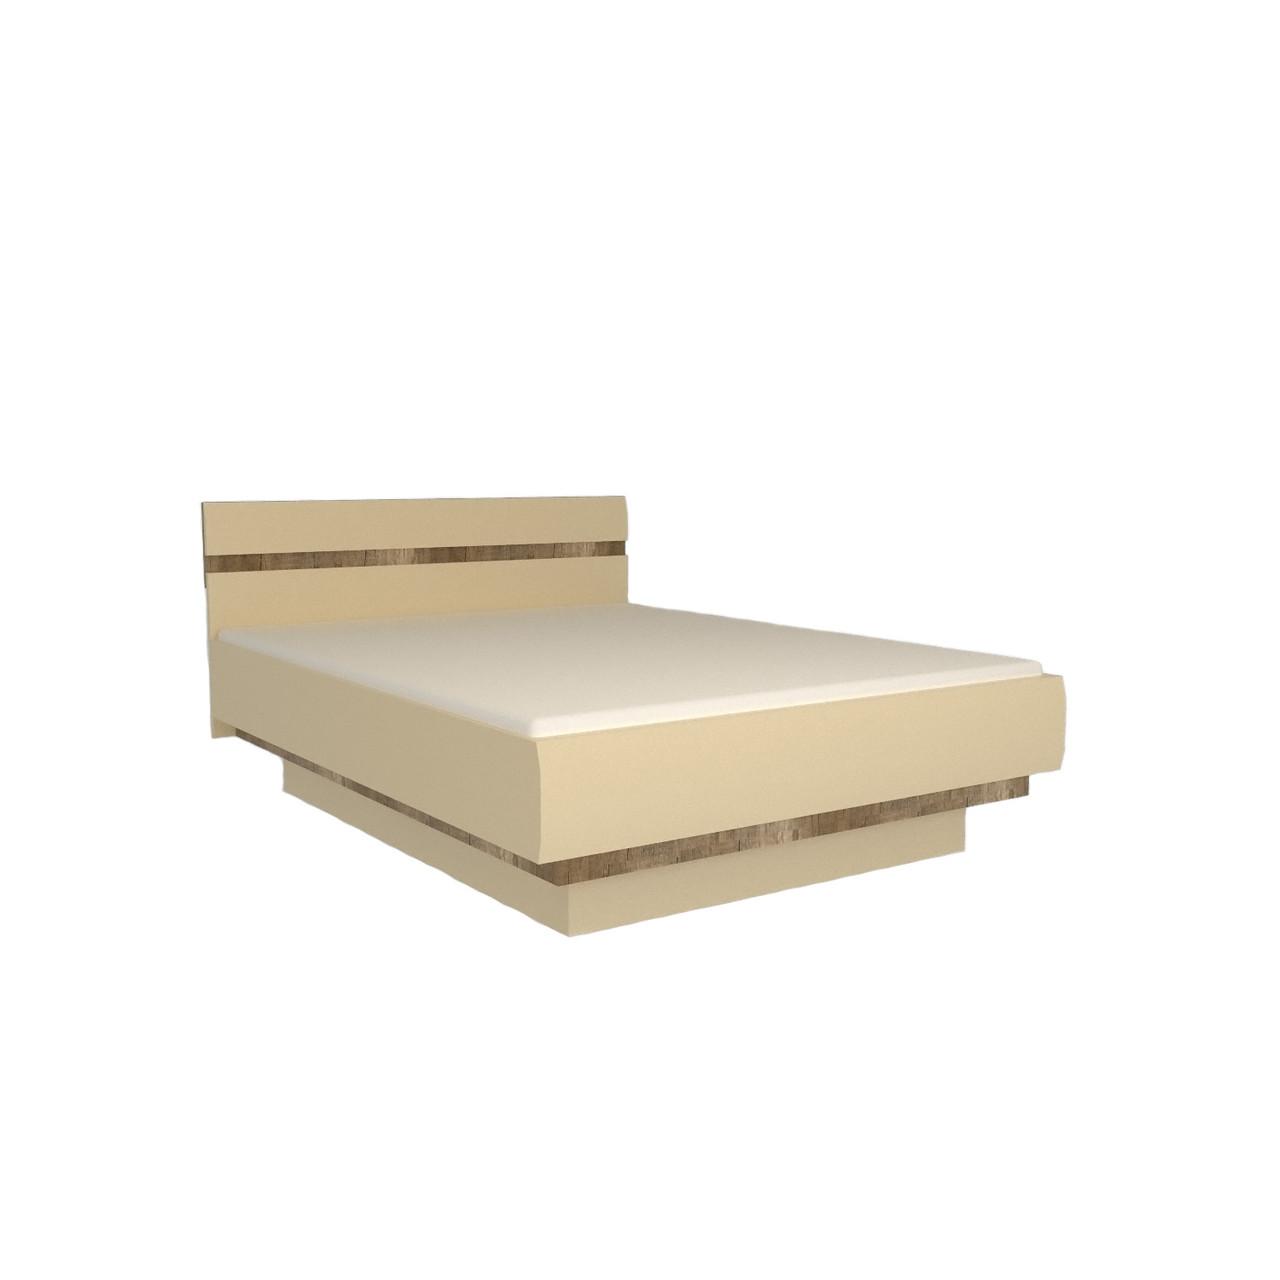 Ліжко (кровать) в спальню з ДСП/МДФ 140 Letis Z1 Blonski